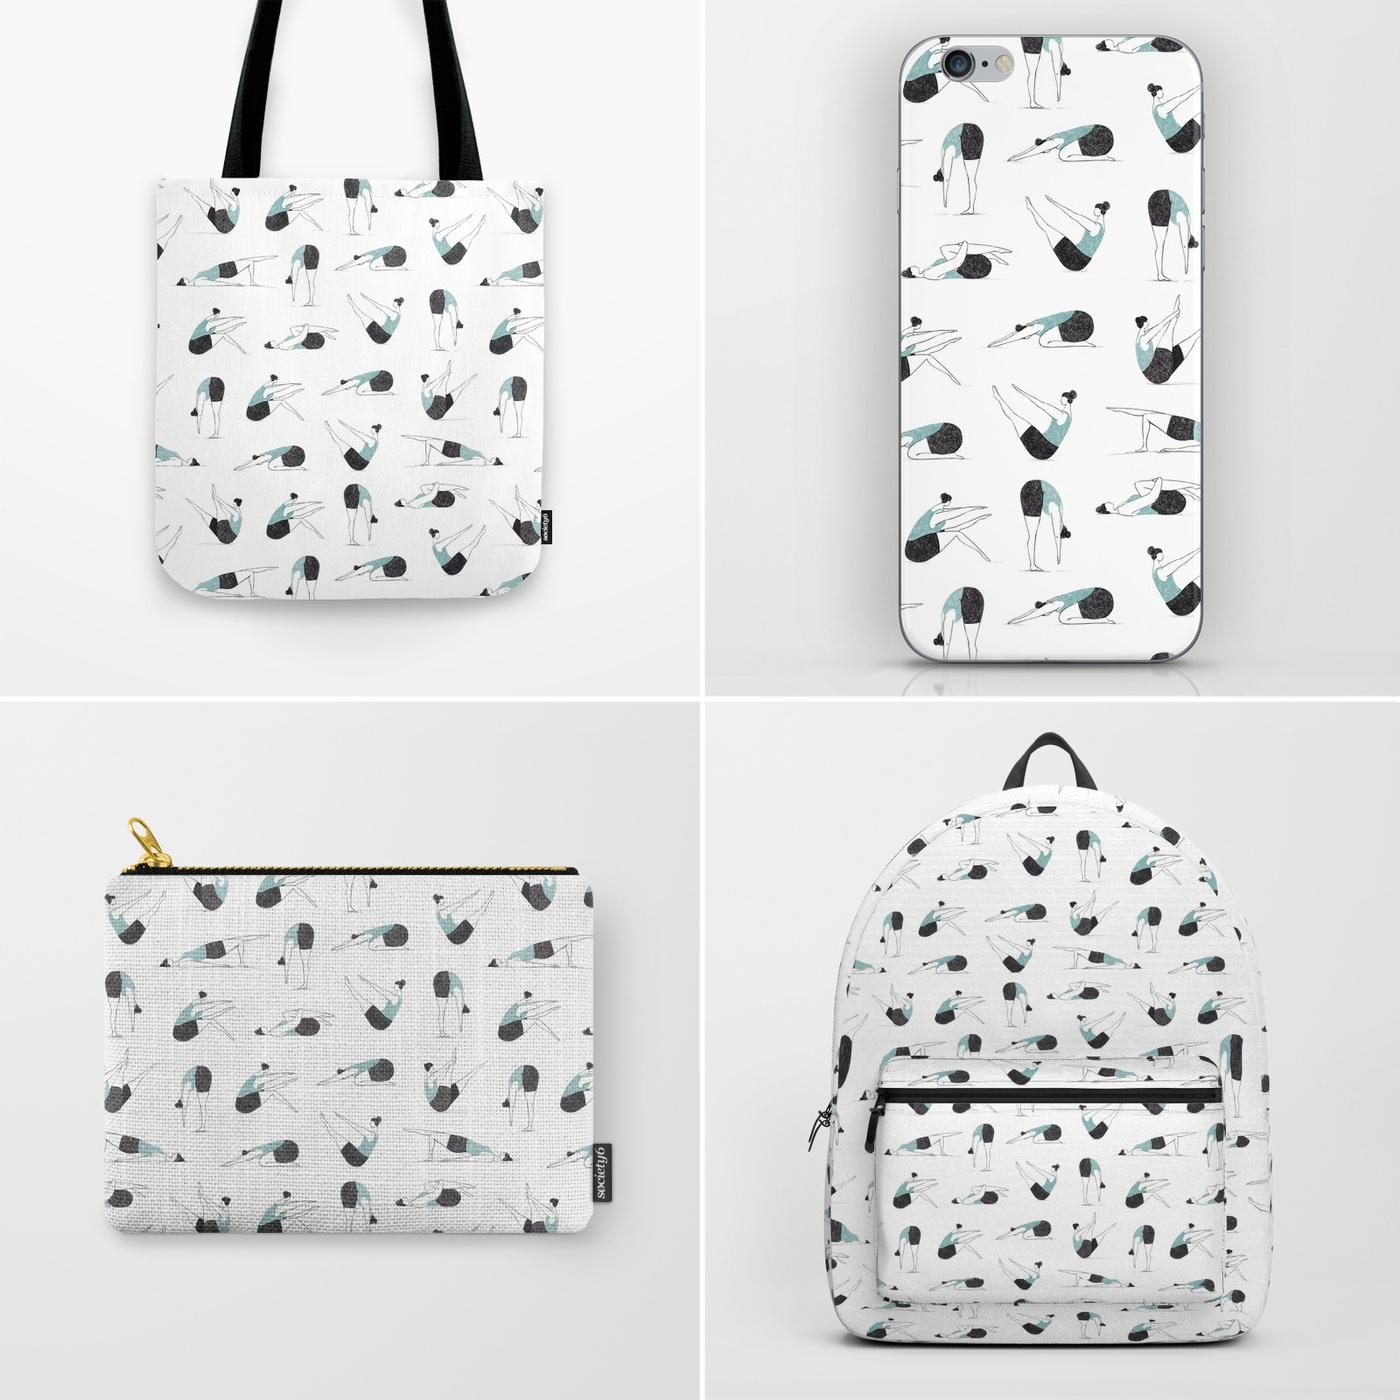 pilatesyoga-poses-bags